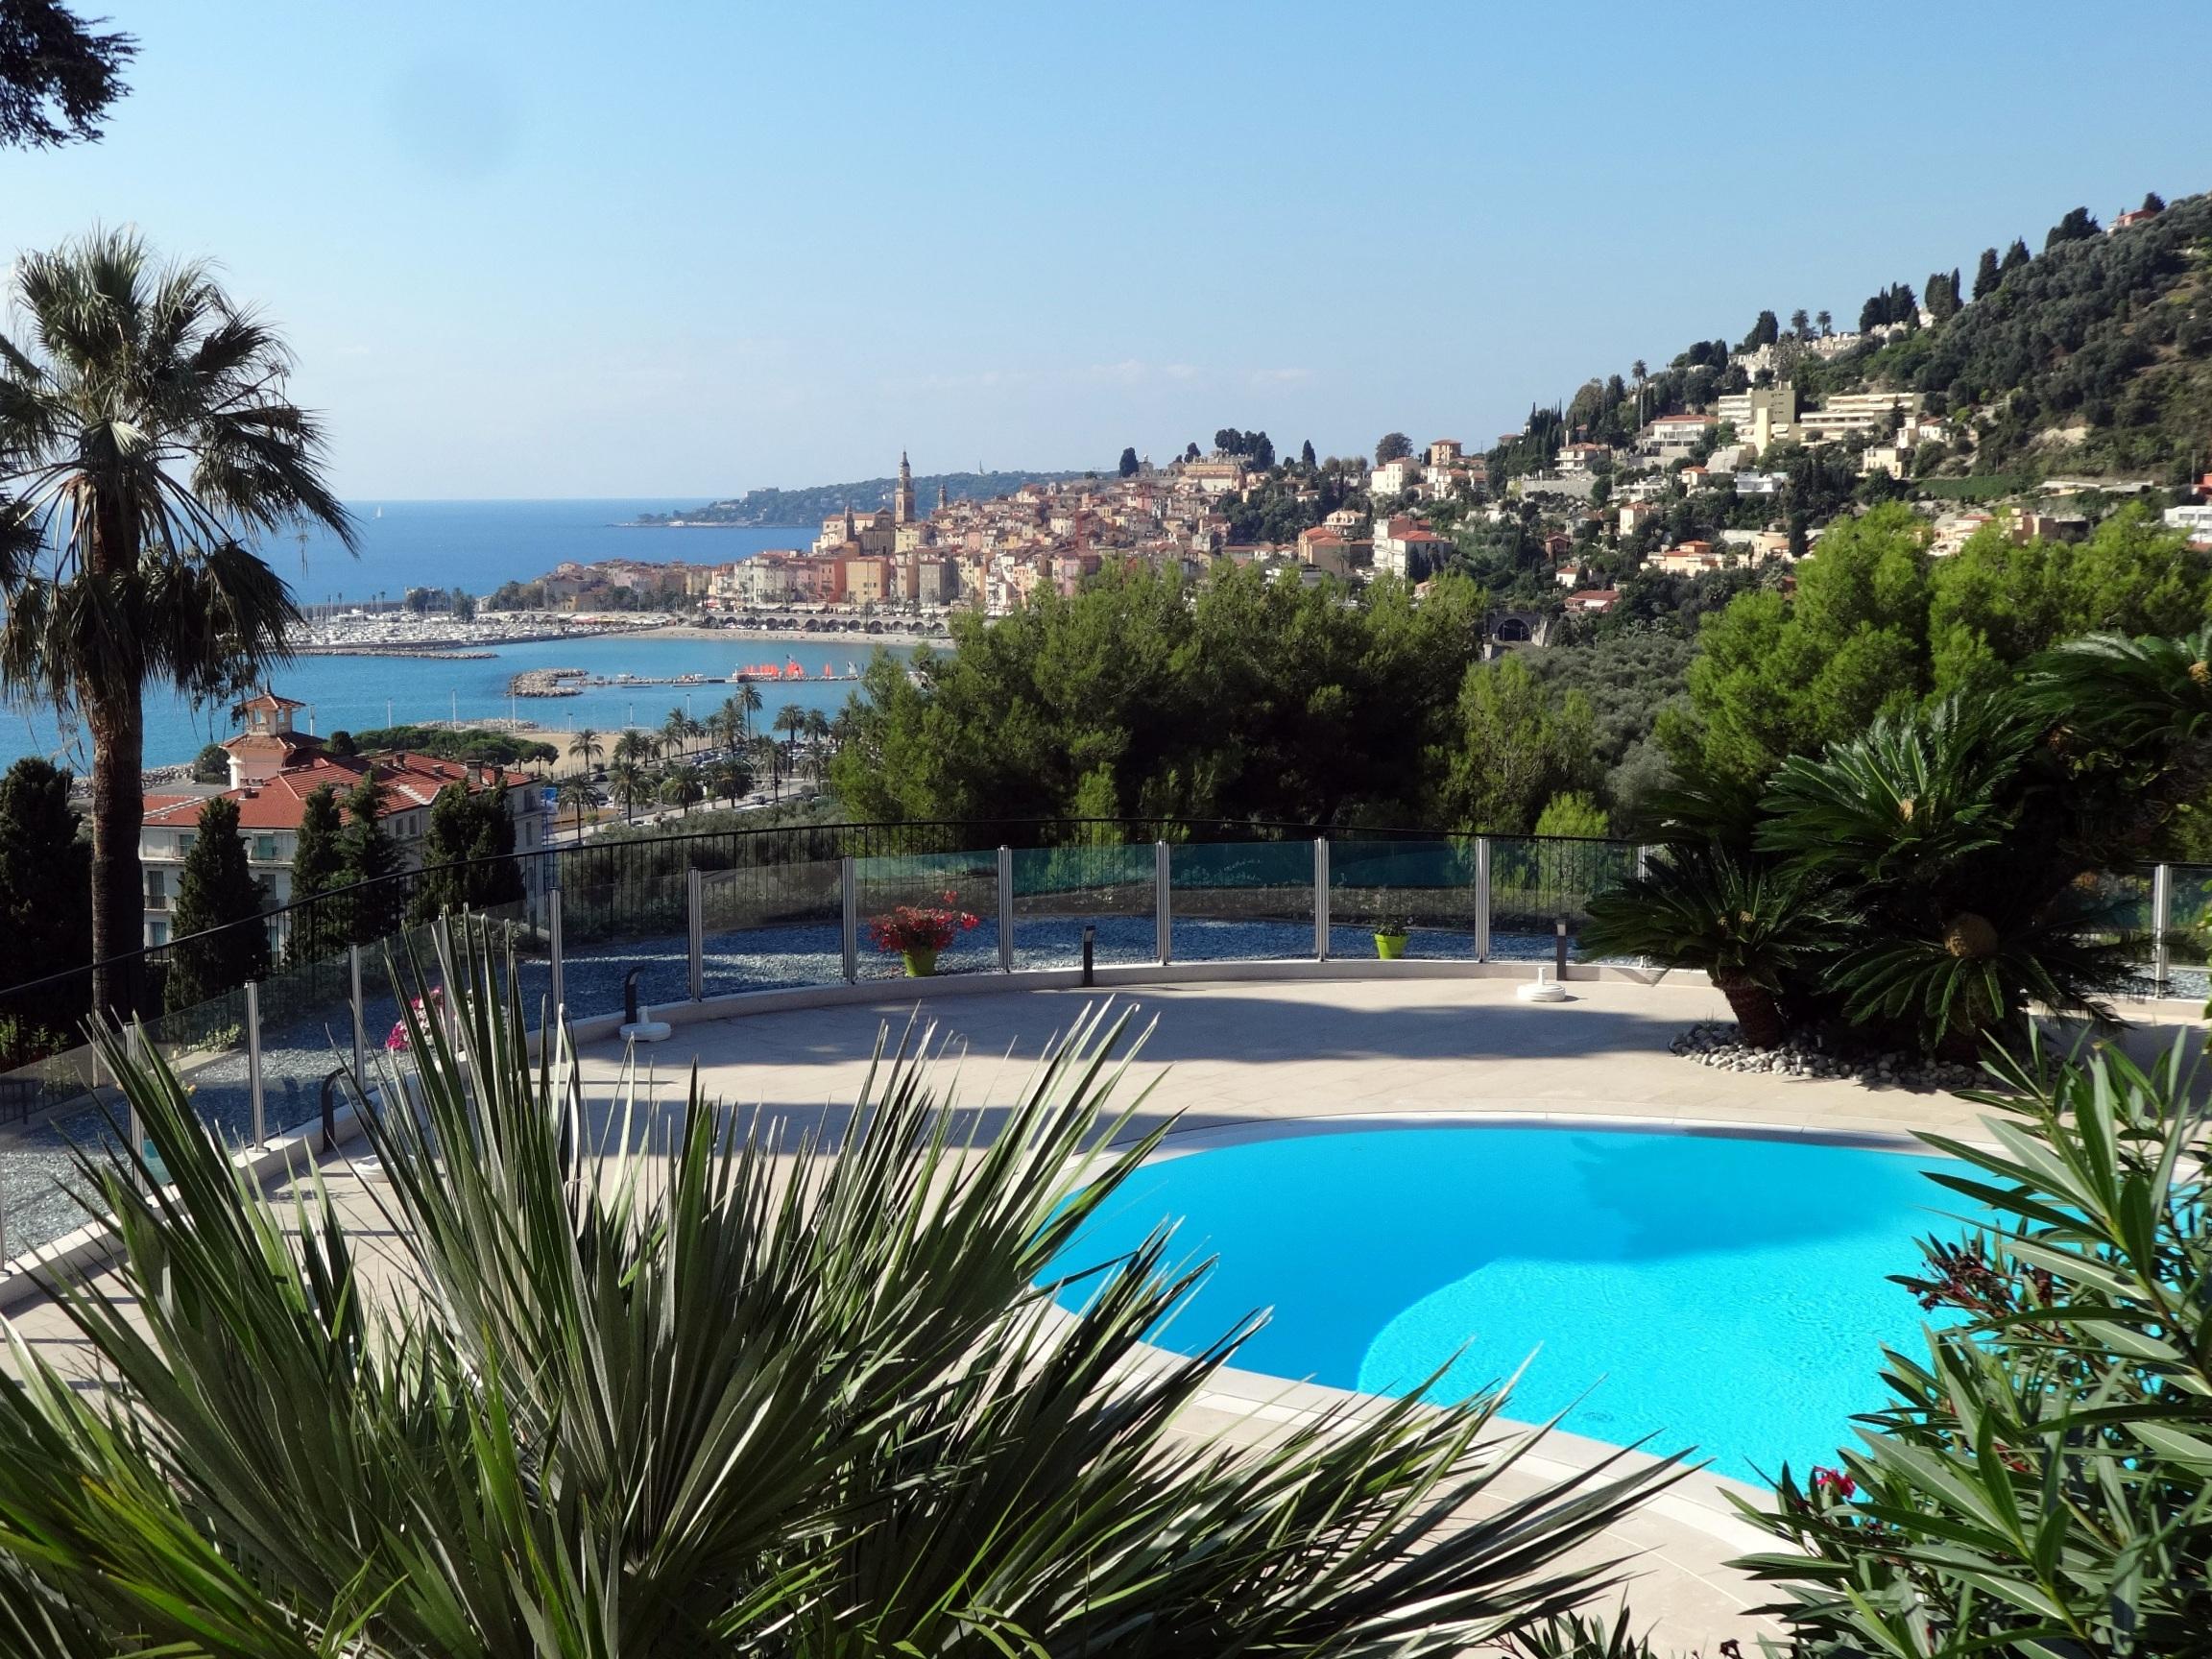 Vanuit het zwembad op het park heb je een panoramisch uitzicht op de zee en de oude stad